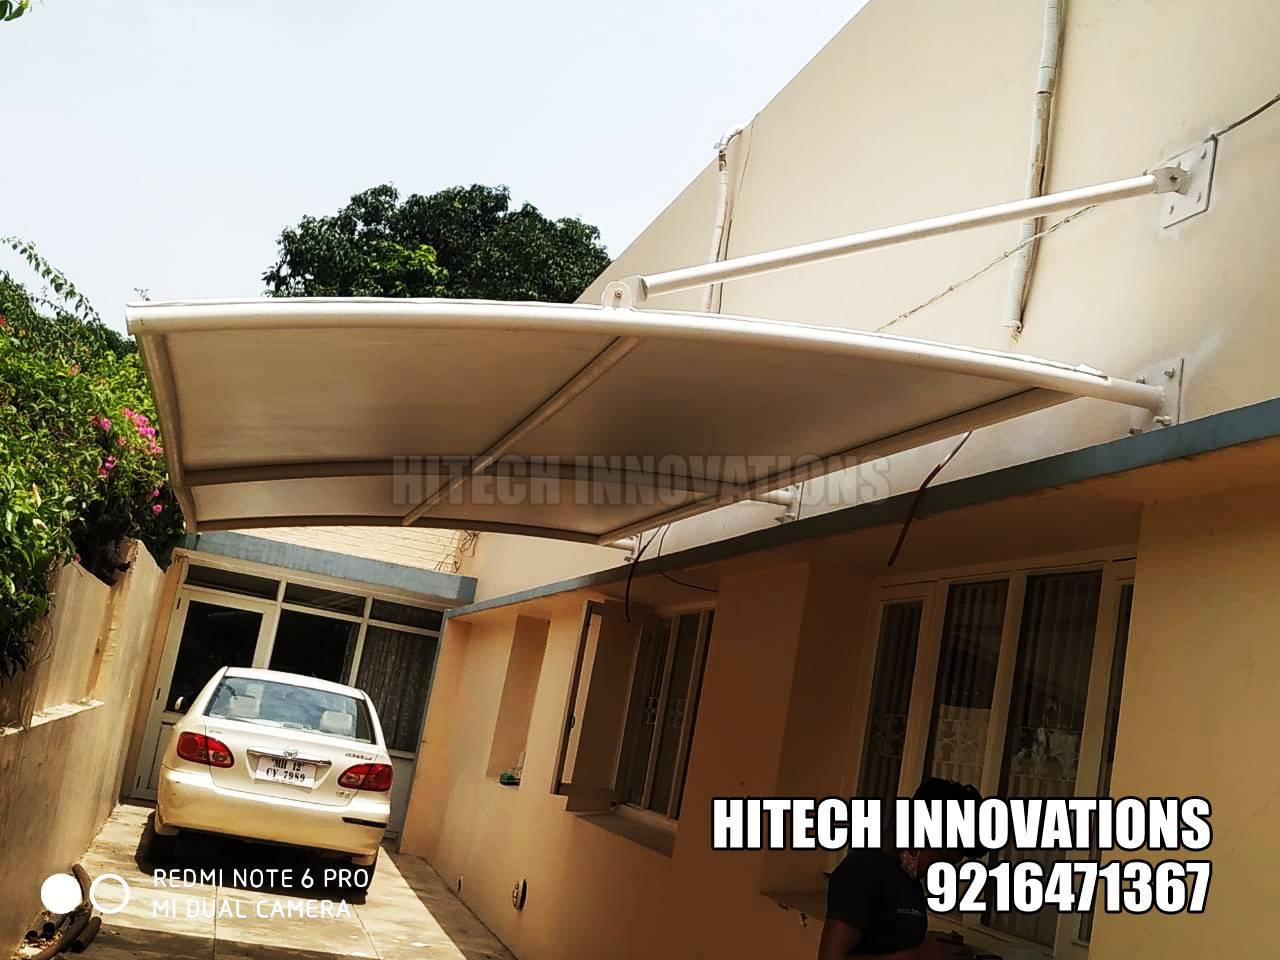 Tensile Structure for Car Parking Shed Completed - Jalandhar